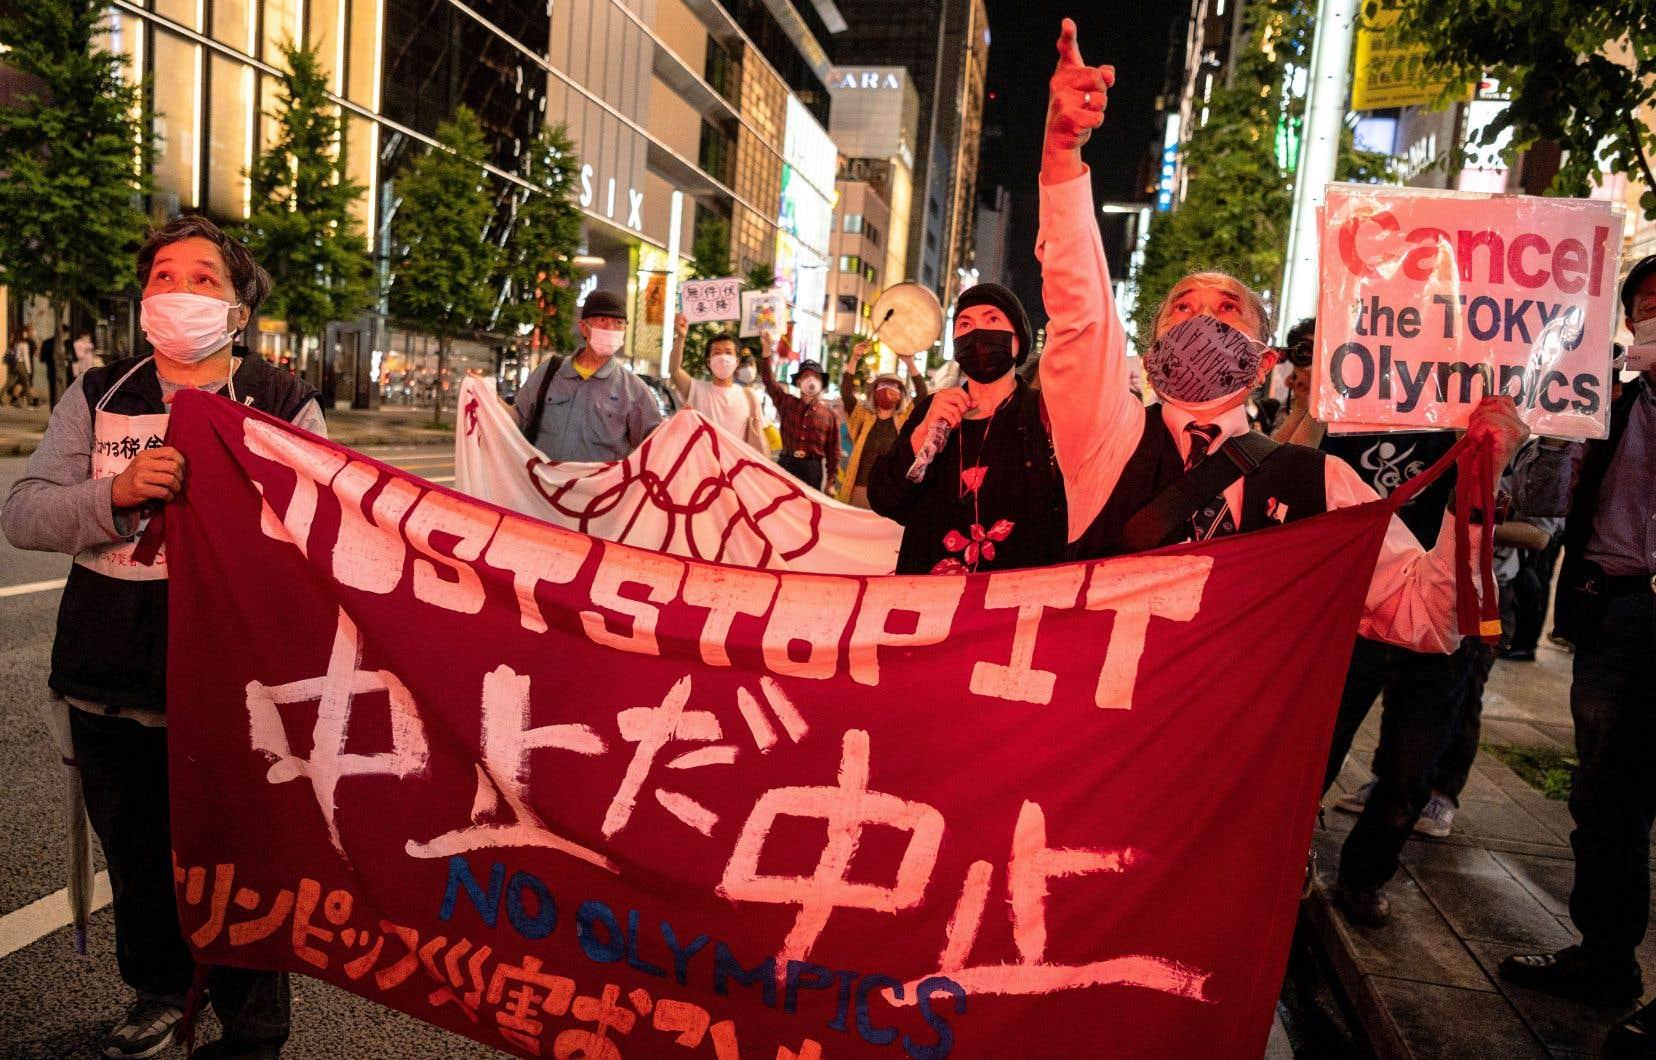 Des opposants à la tenue des Jeux olympiques manifestaient à Tokyo, lundi. Il n'est pas rare que la venue des Jeux olympiques soulève une certaine contestation dans les pays hôtes, mais cette fois, le phénomène a une tout autre ampleur.